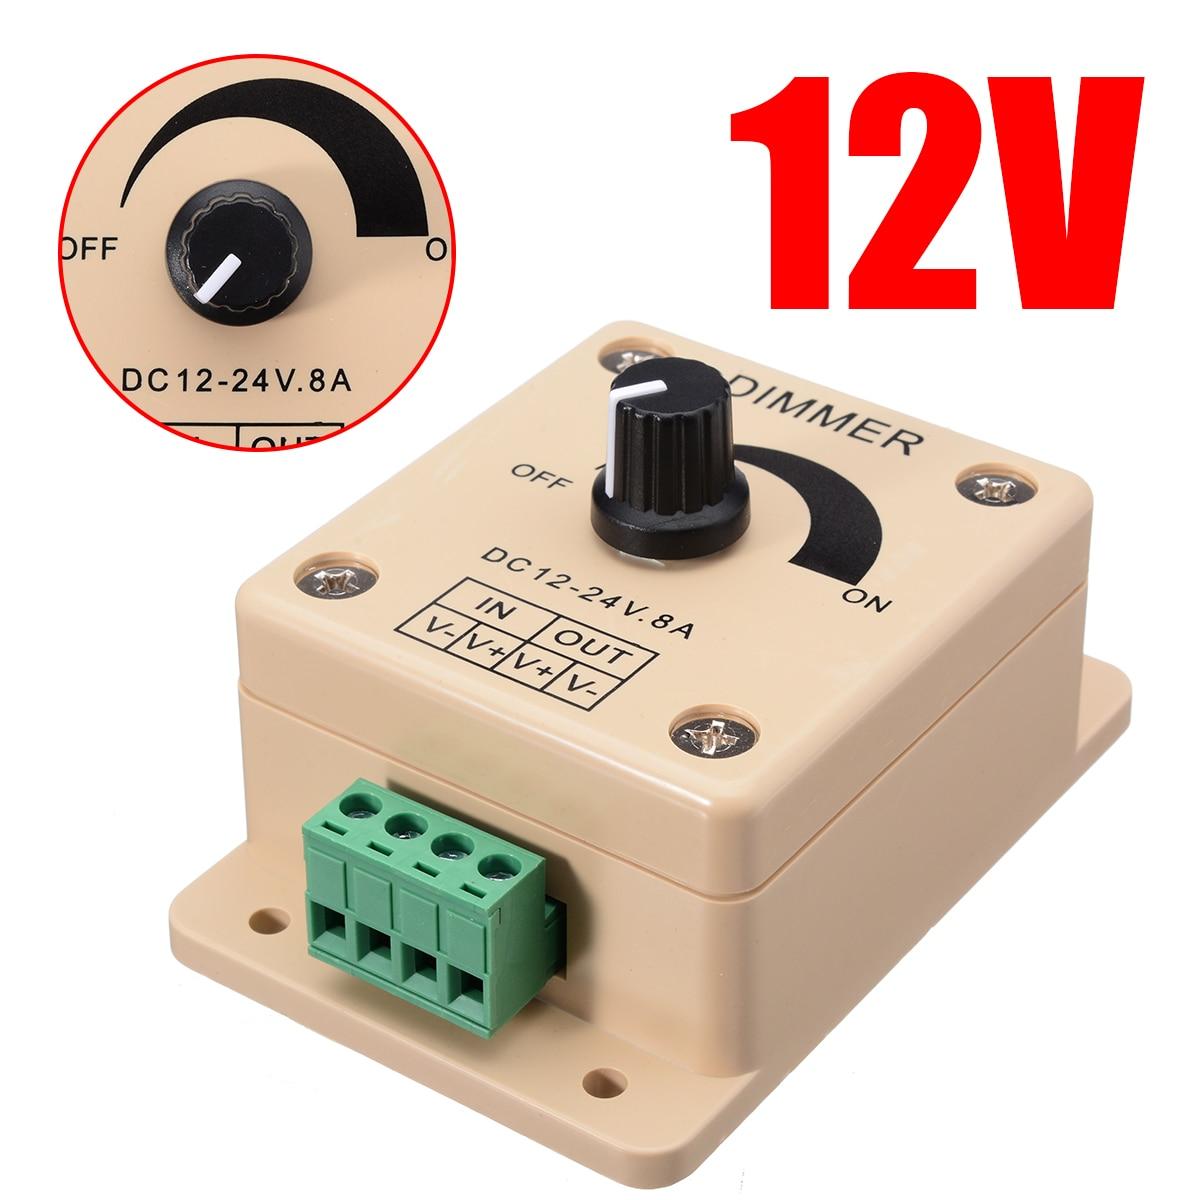 nova ajustavel 12 v 8a led luz de tira interruptor dimmer brilho controlador facil